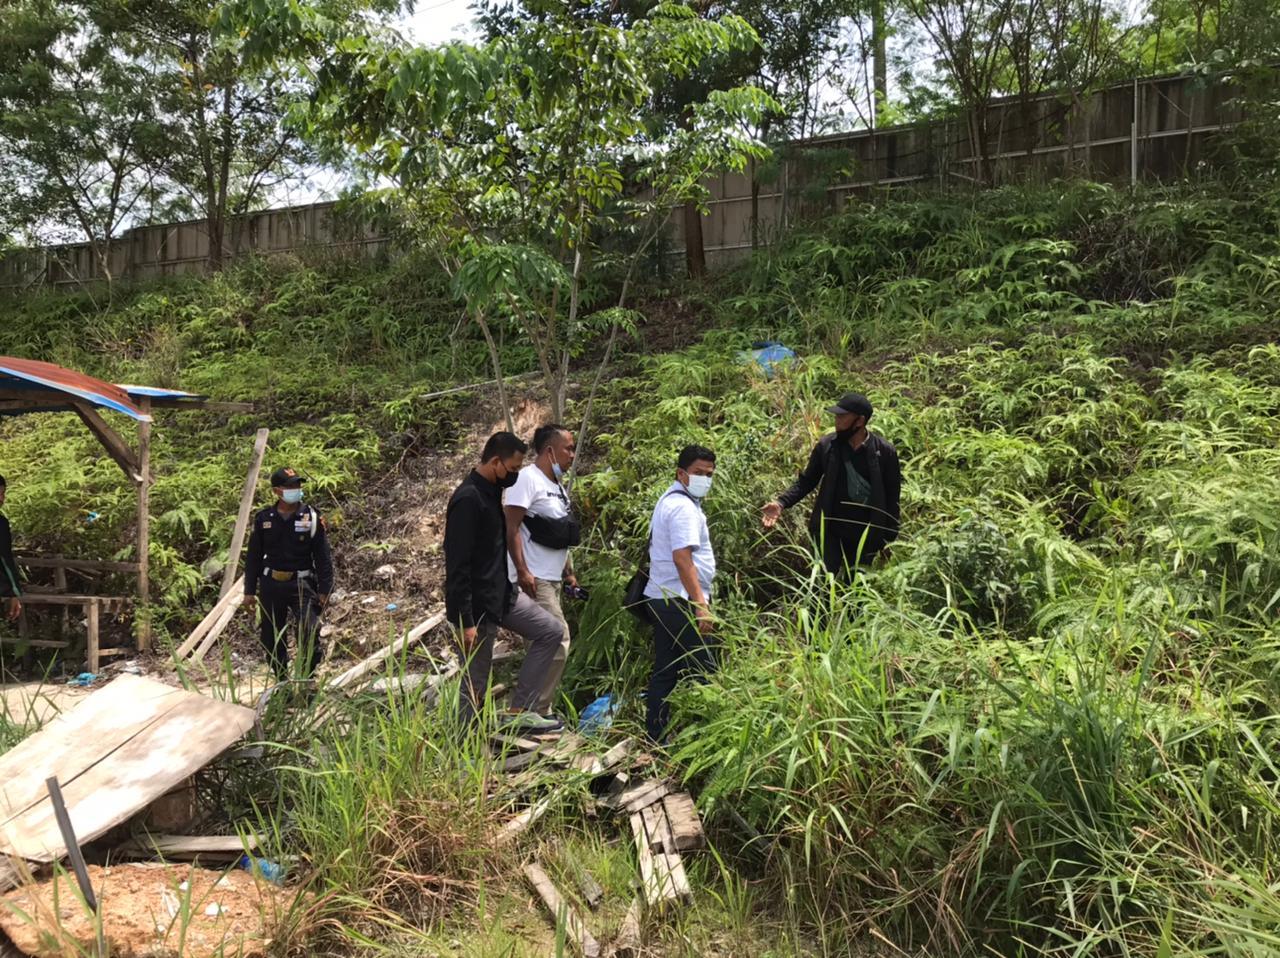 Balita Berhasil Ditemukan Setelah Dinyatakan Hilang Selama Tiga Hari 235